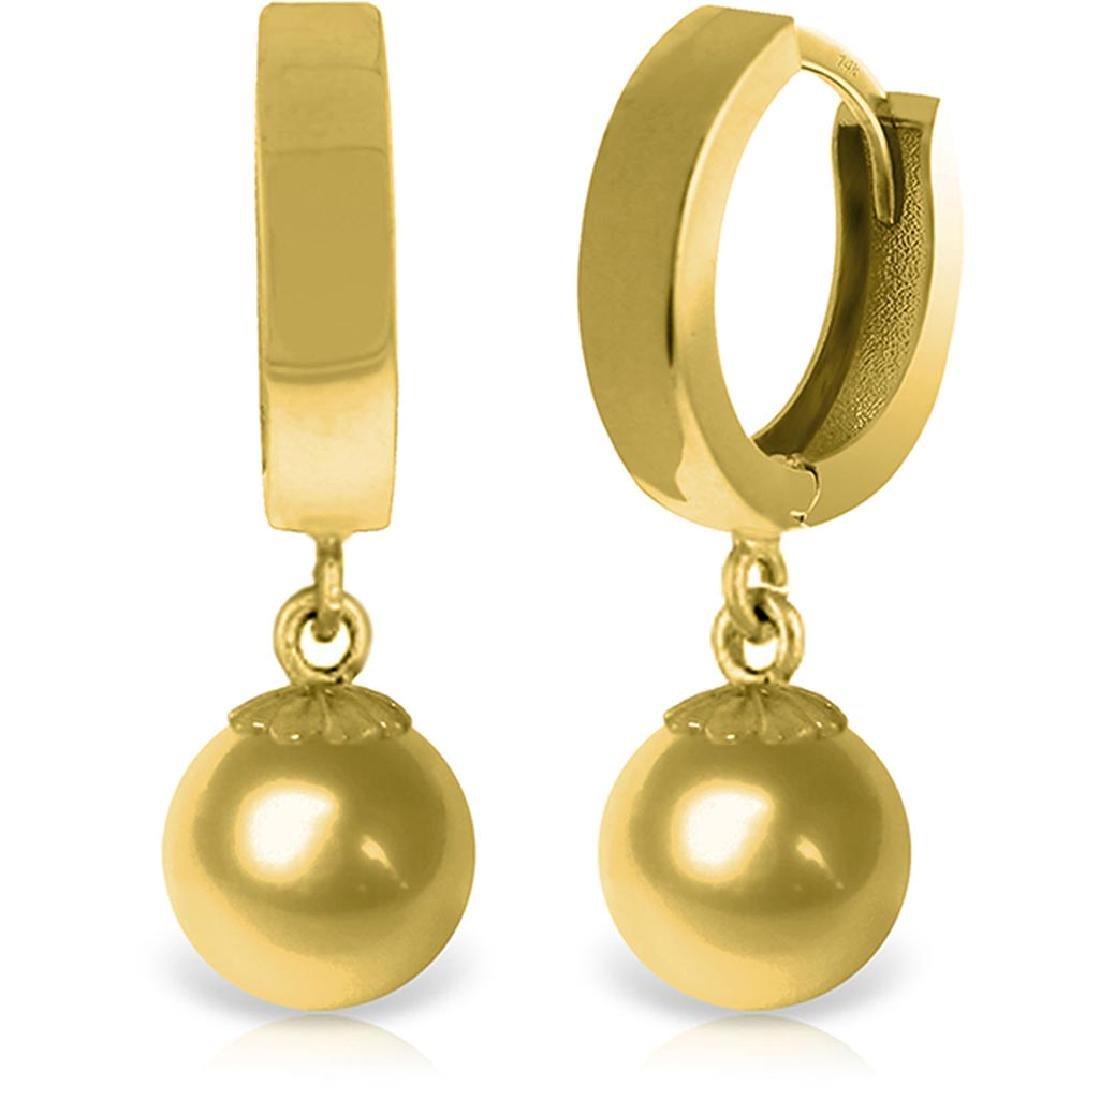 14K Solid Gold Balldrop Dangling Earrings